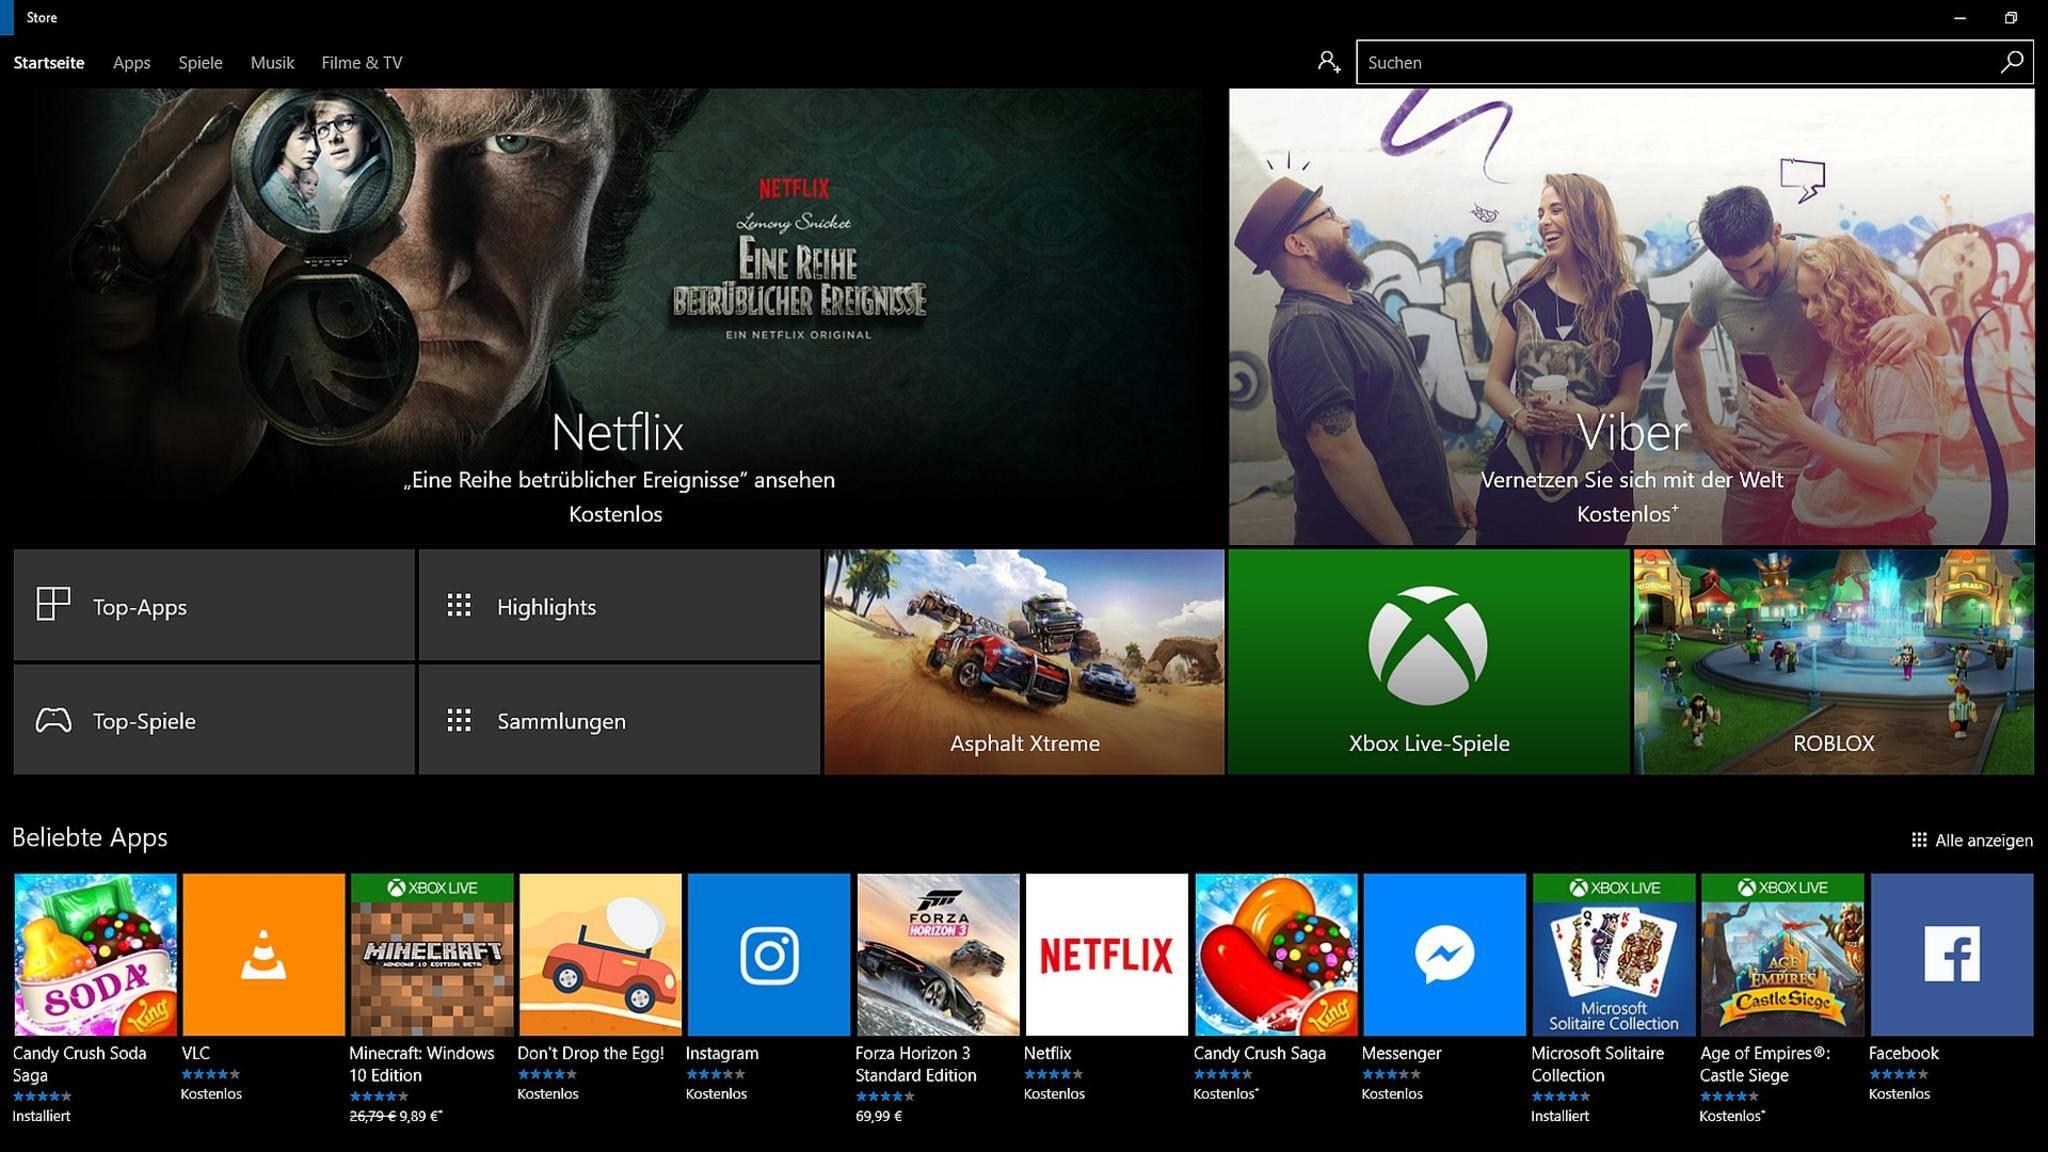 Neuerdings kann man im Windows Store auch ohne Anmeldung Apps herunterladen.